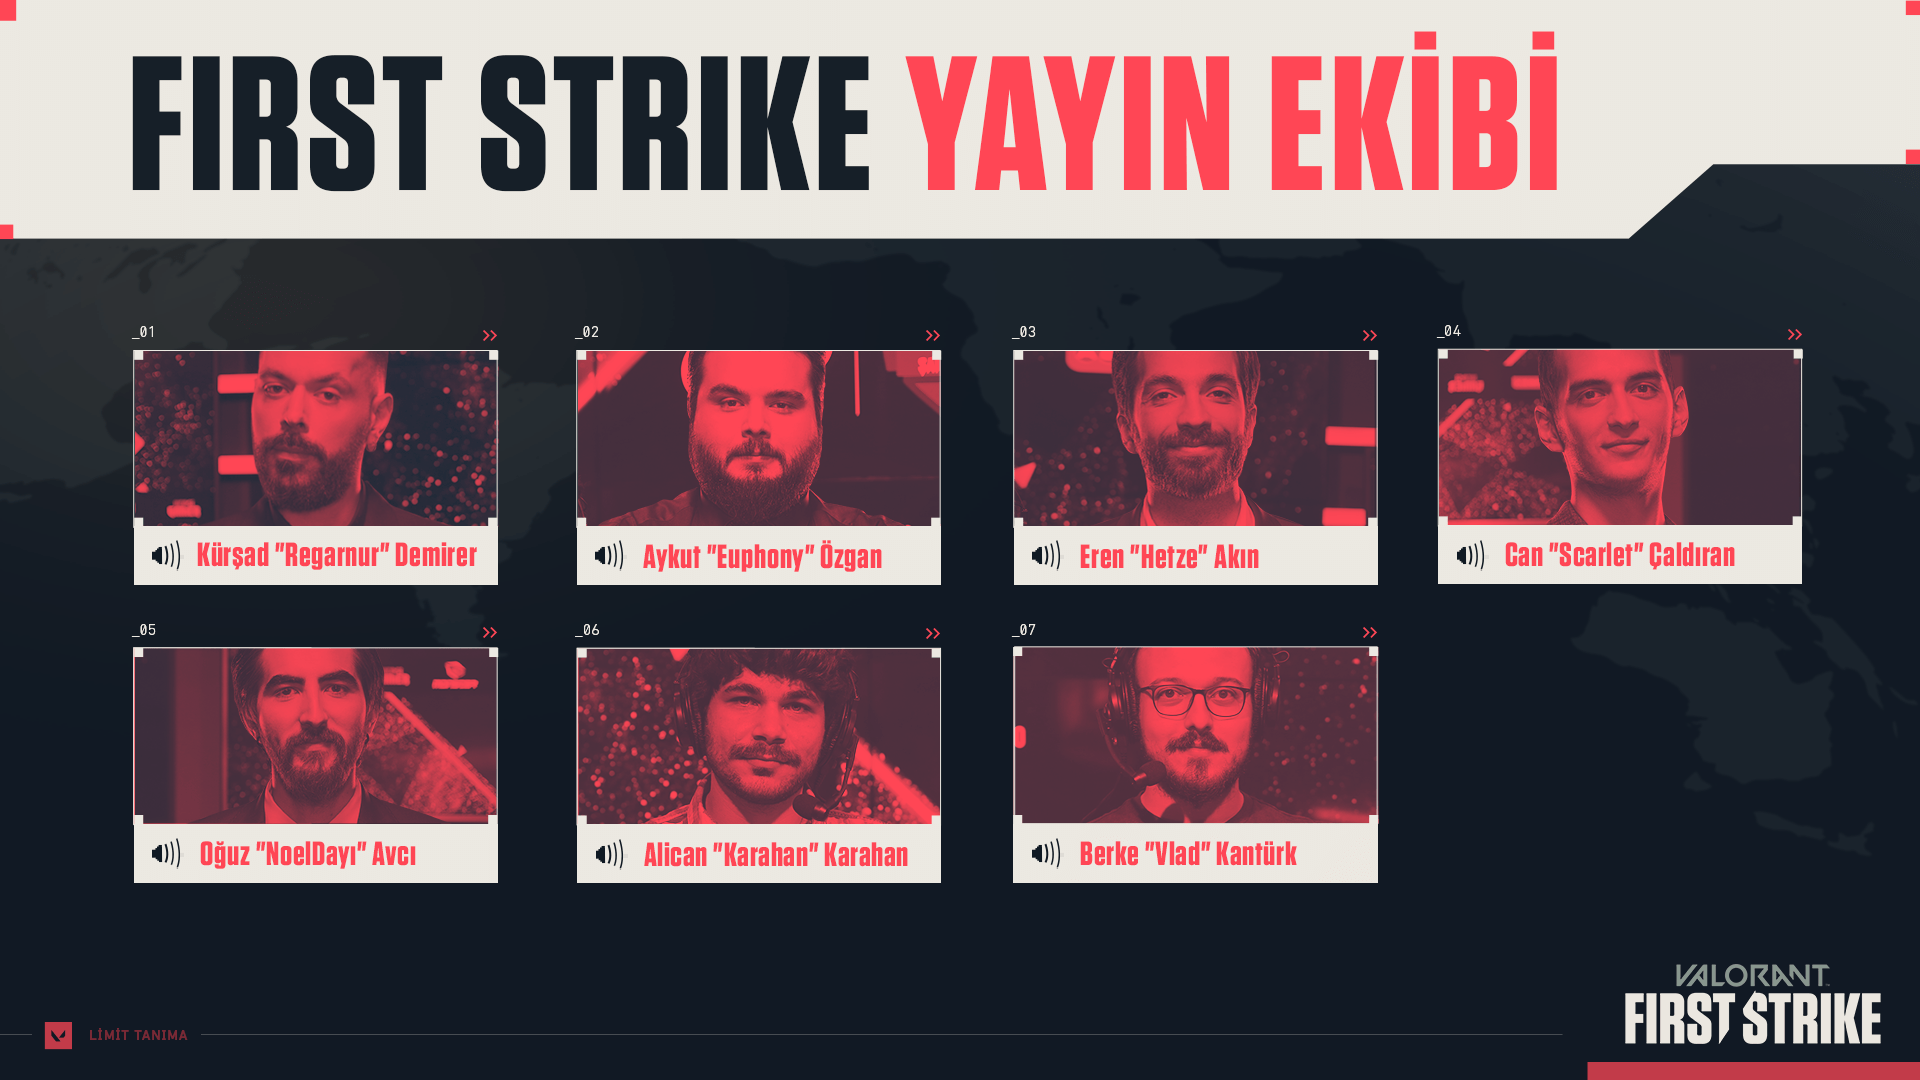 First Strike yayın ekibi